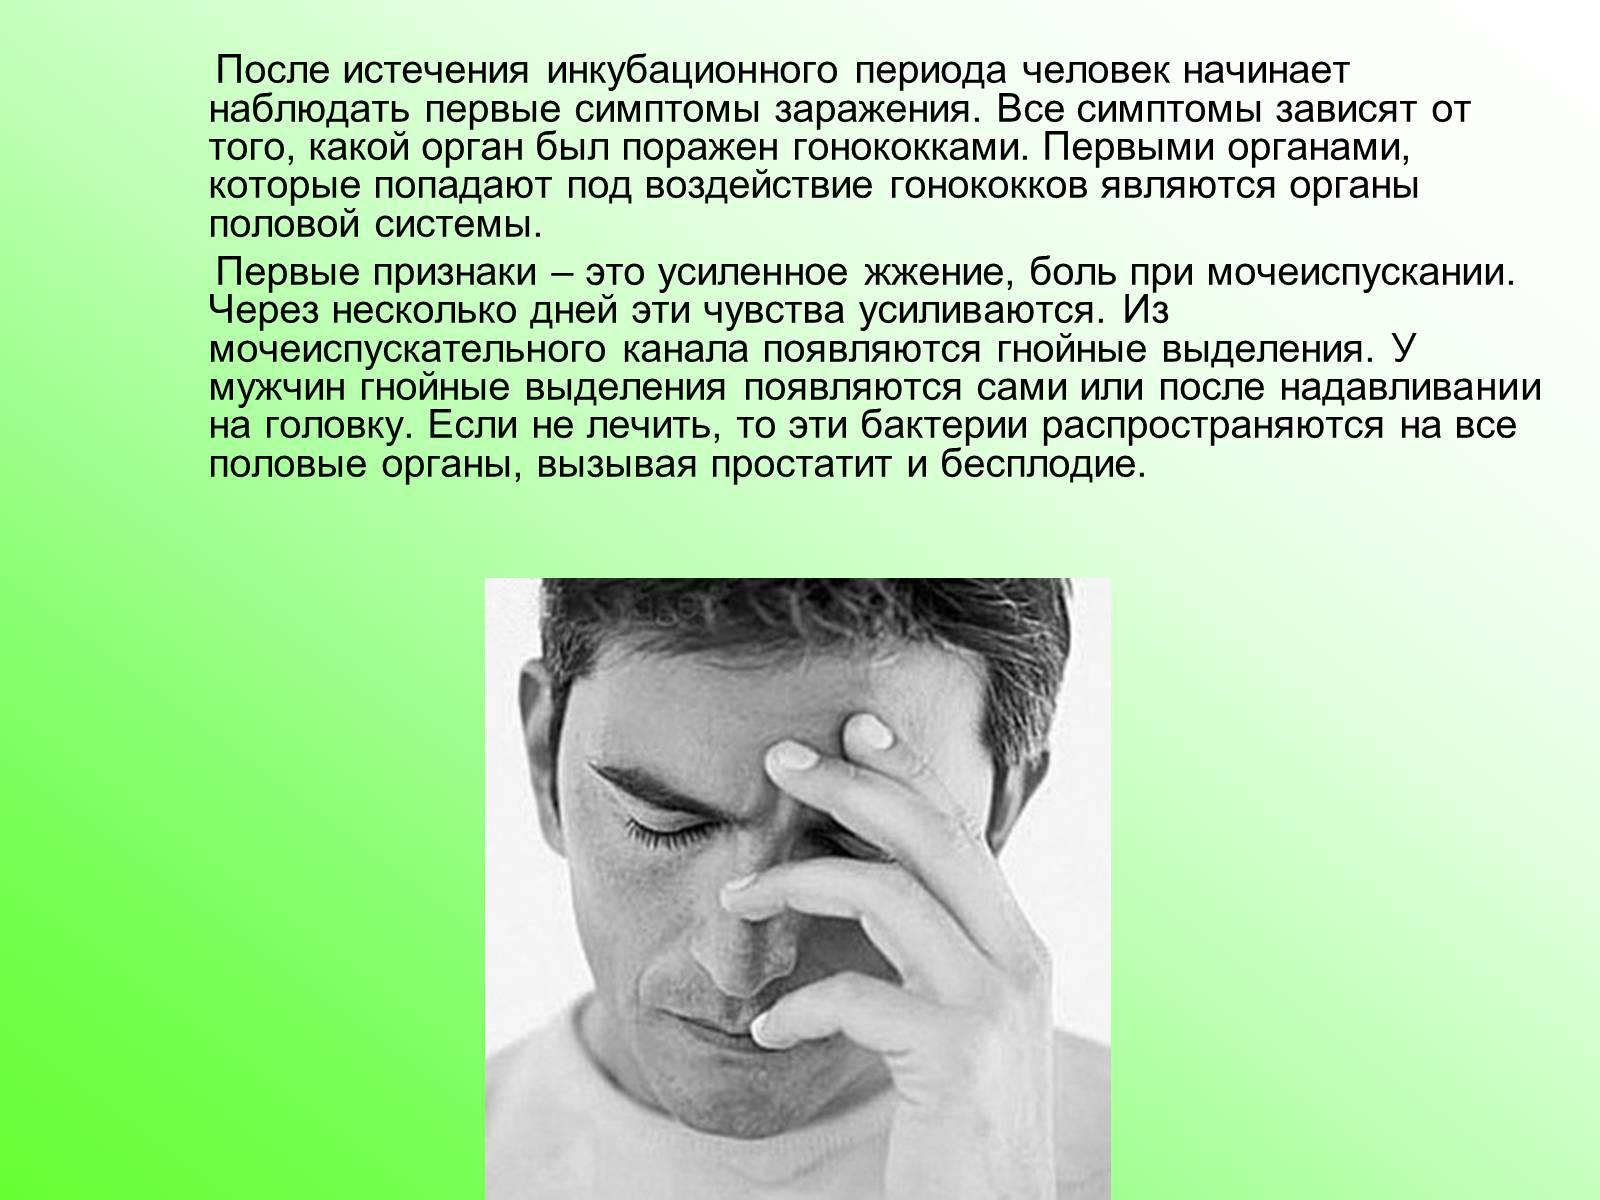 Гонорея (триппер) - венерическое заболевание, его причины, симптомы, диагностика, лечение, осложнения и профилактика